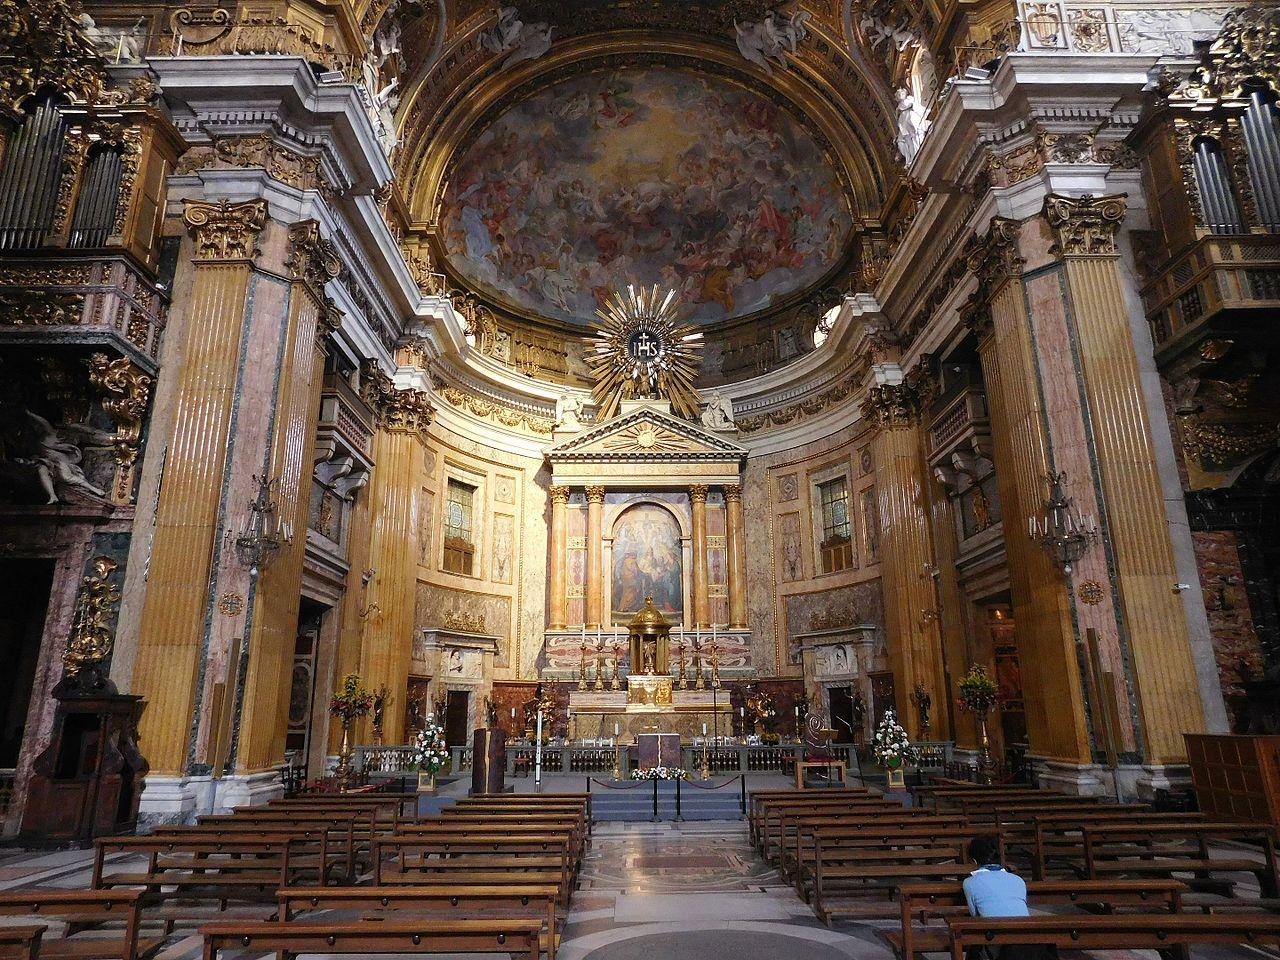 Biserica II Gesu11